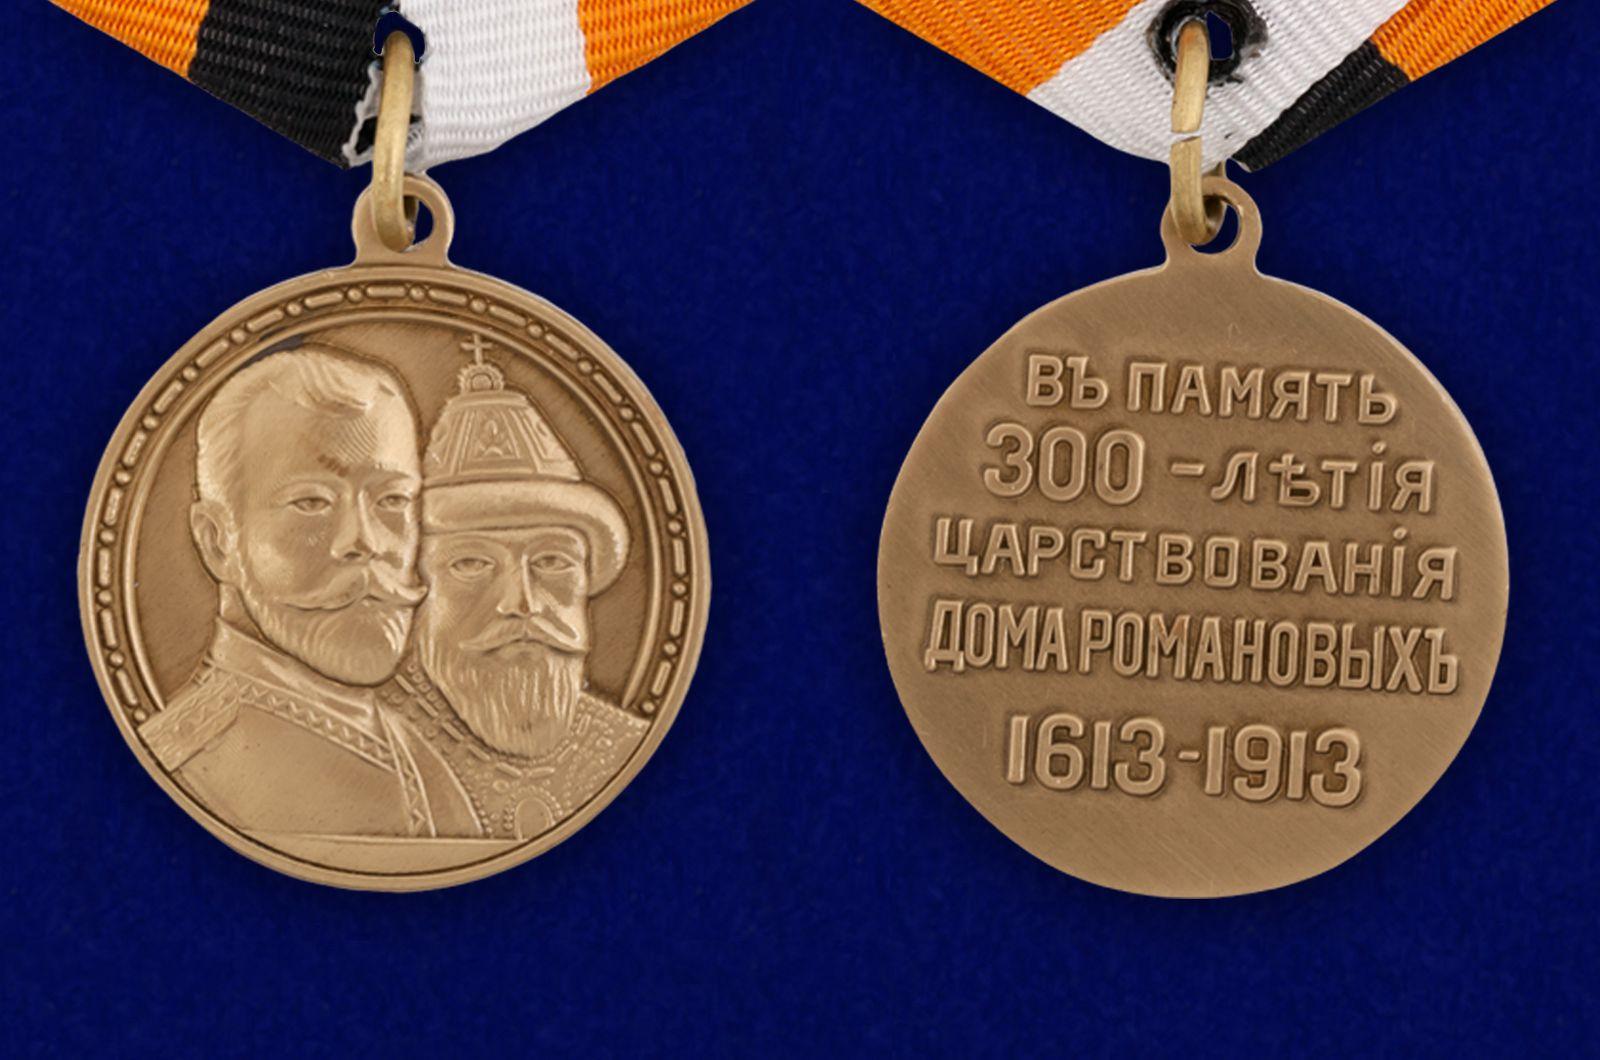 Памятная медаль В память 300-летия царствования дома Романовых - аверс и реверс